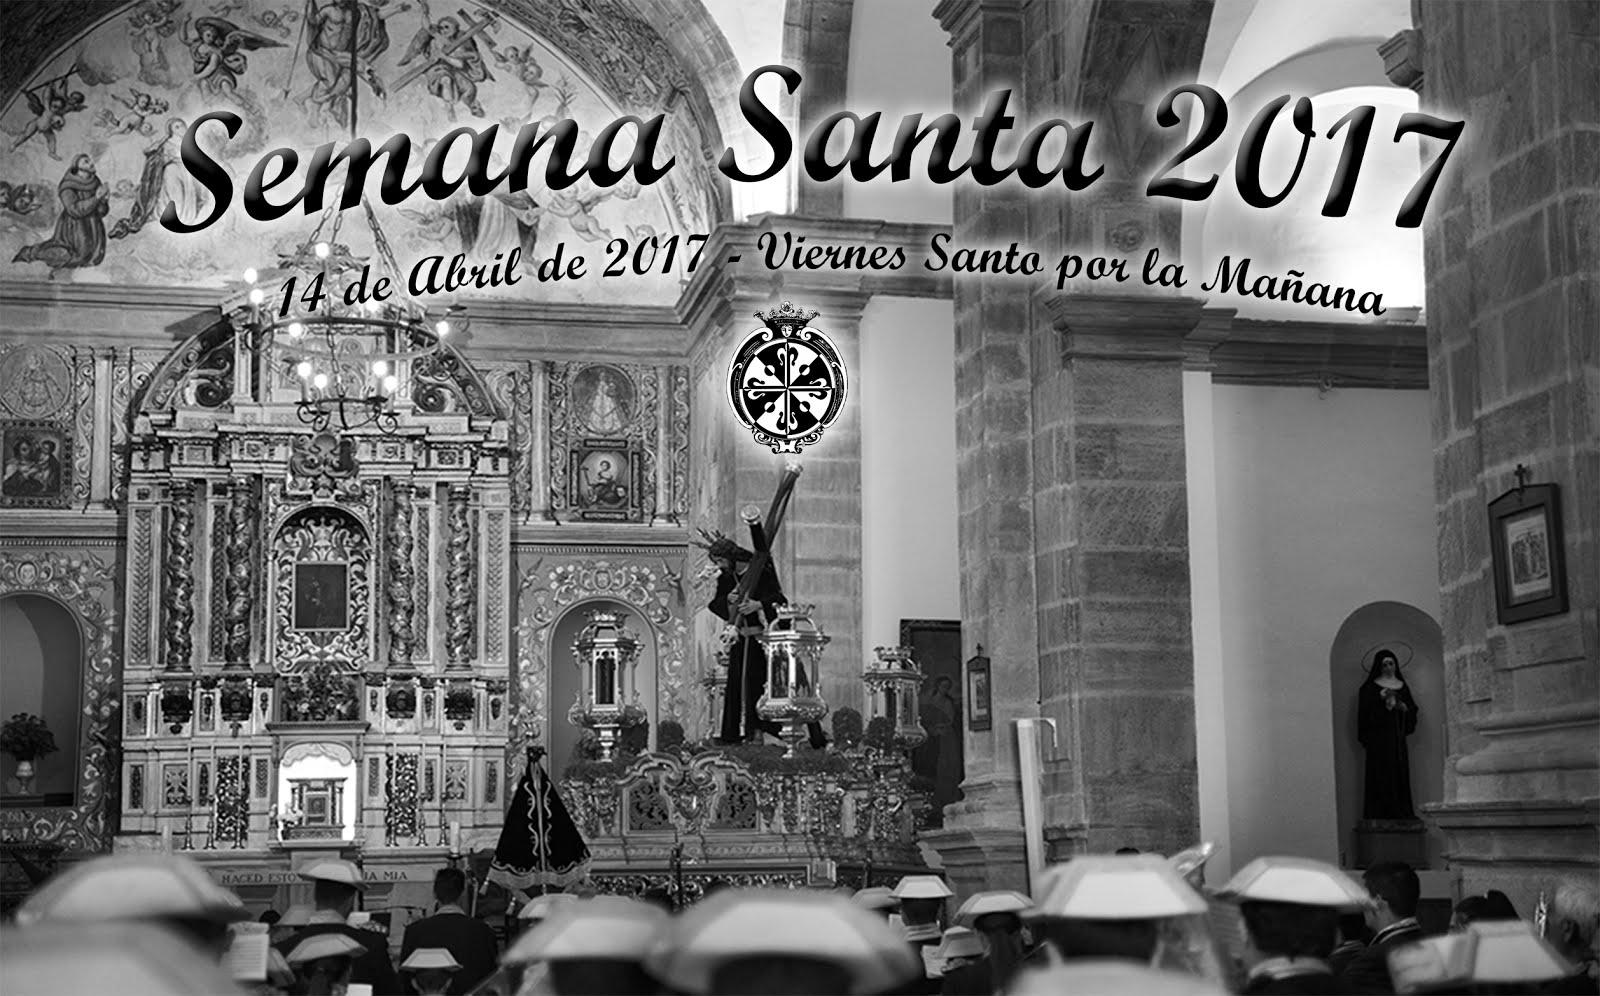 Programa de Semana Santa 2017